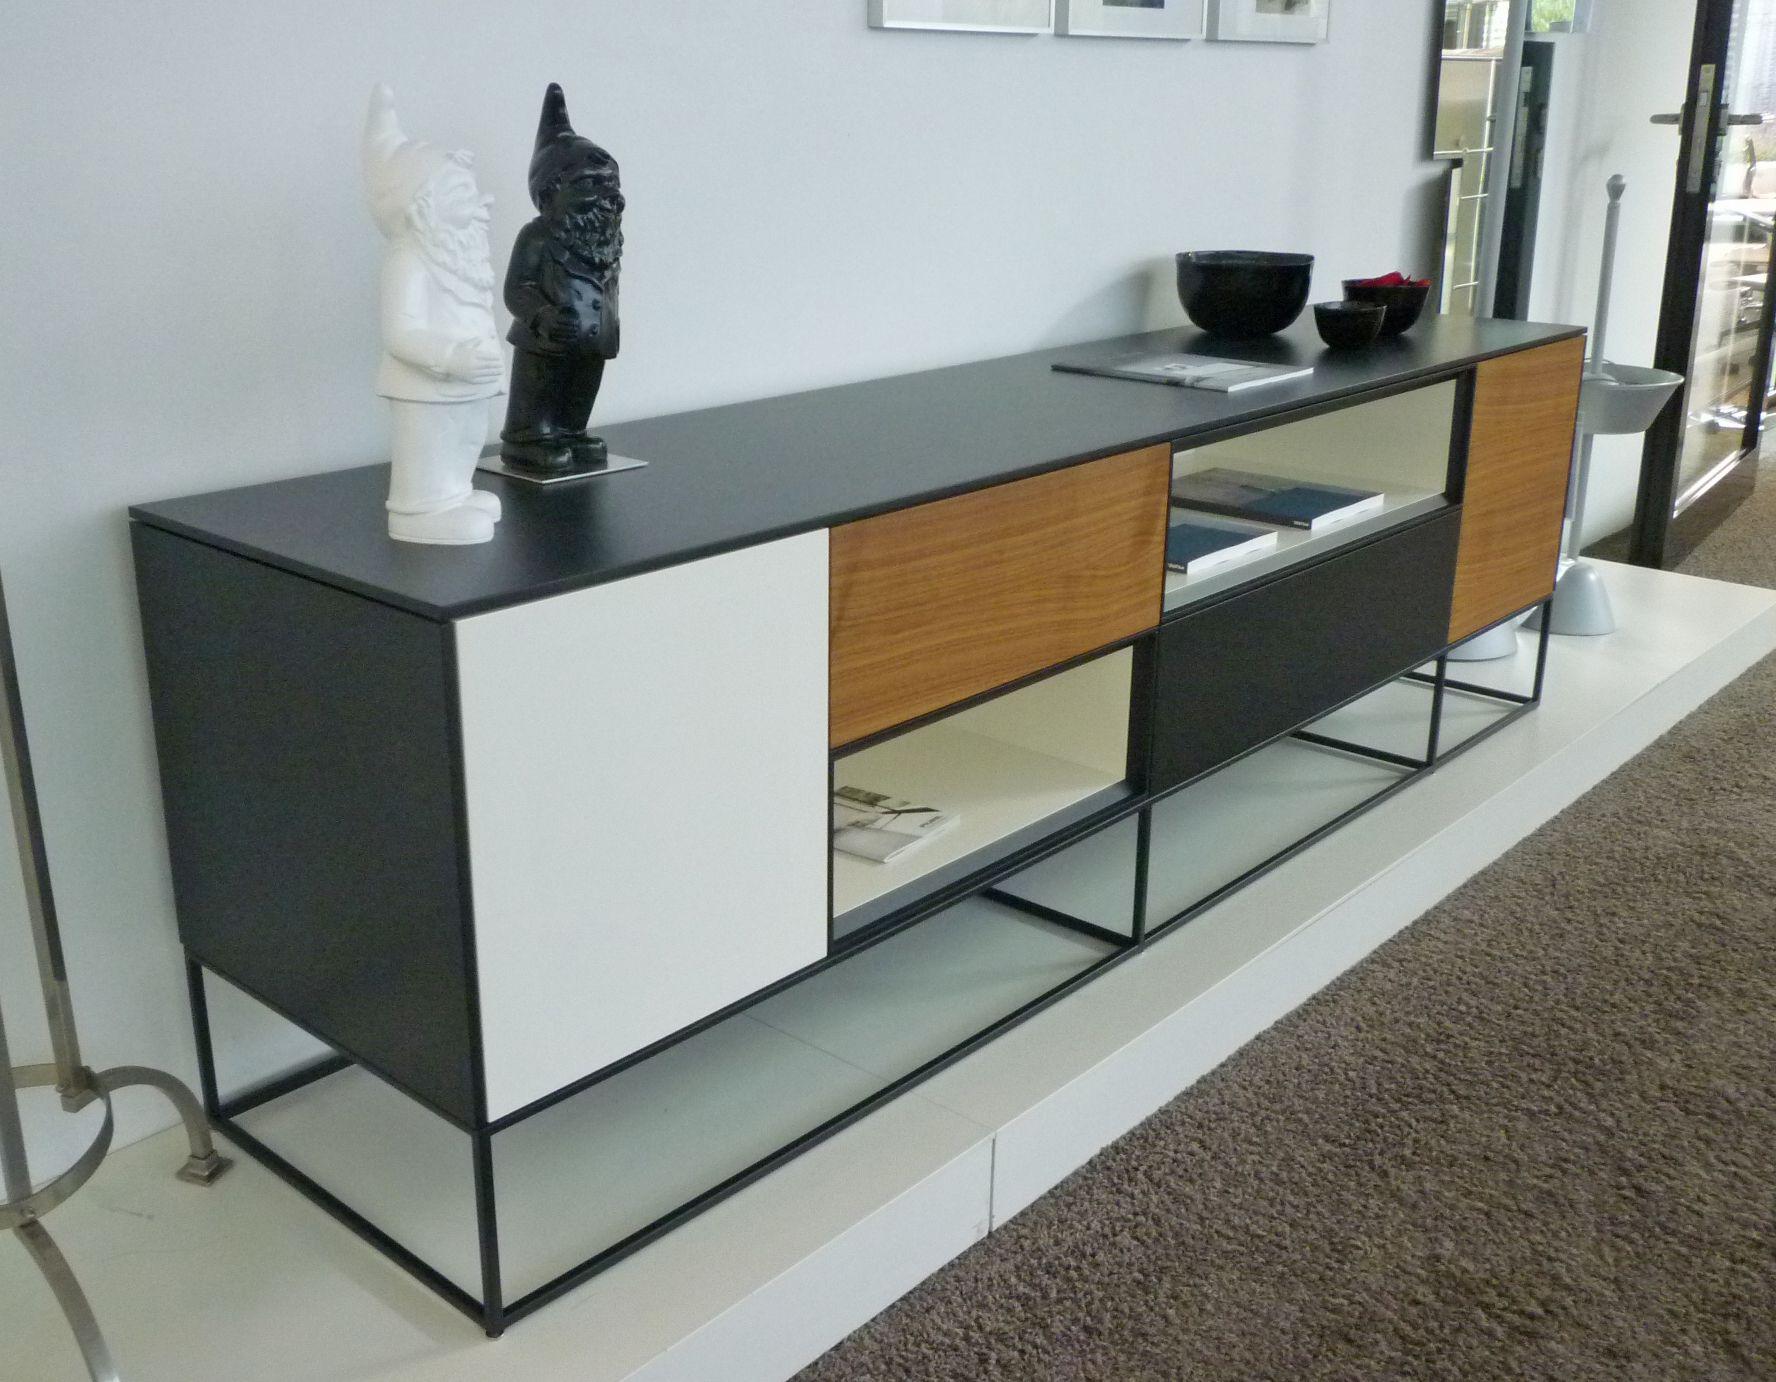 Sideboard Line Hersteller Piure neu € 5.850. ab sofort €